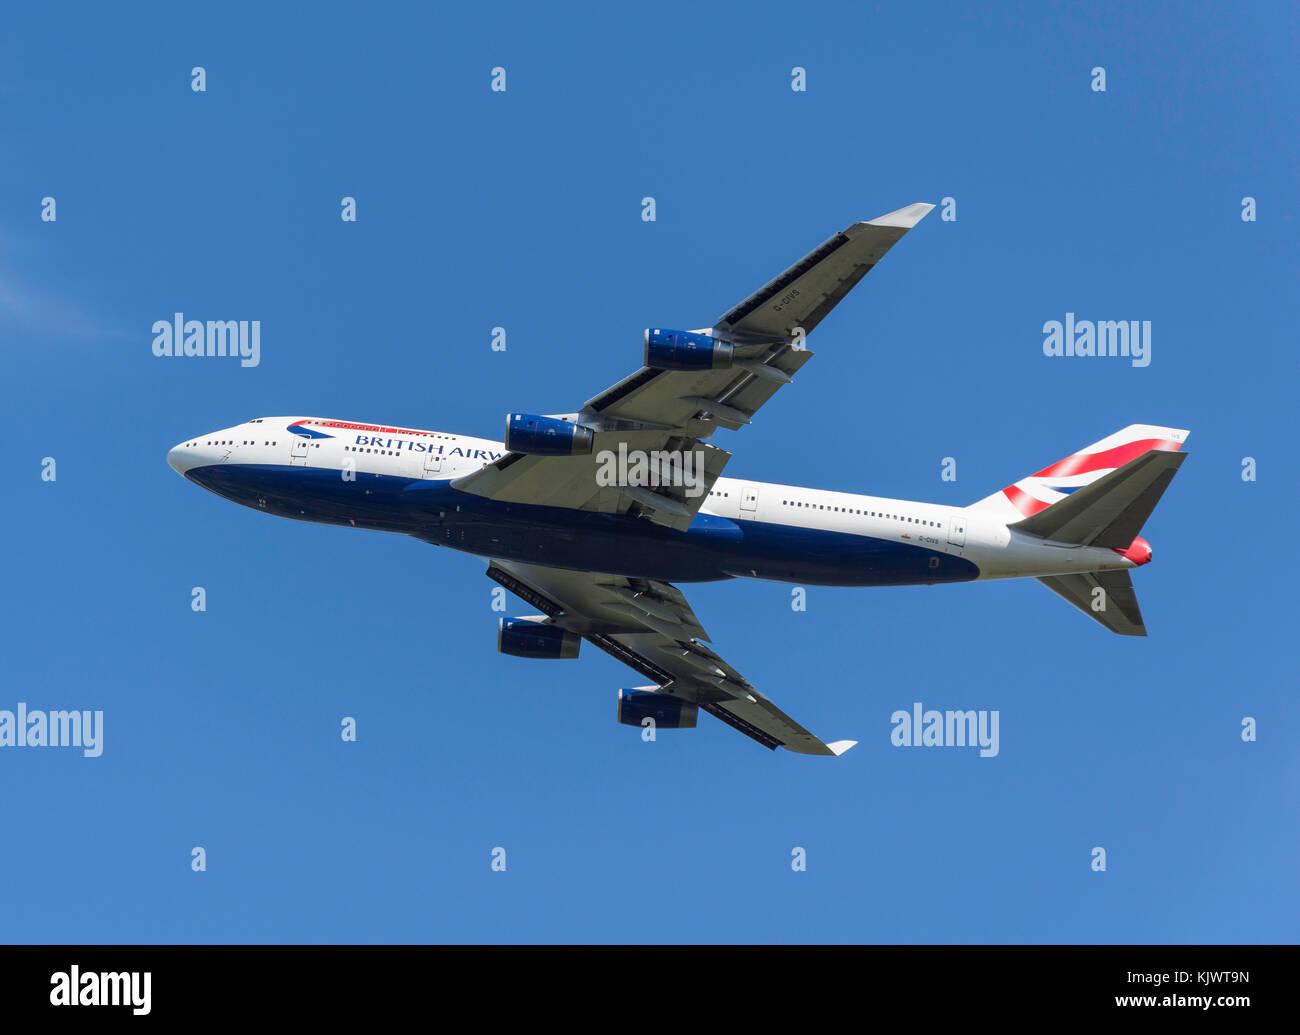 British Airways Boeing 747-436 il decollo dall'aeroporto di Heathrow, Greater London, England, Regno Unito Immagini Stock